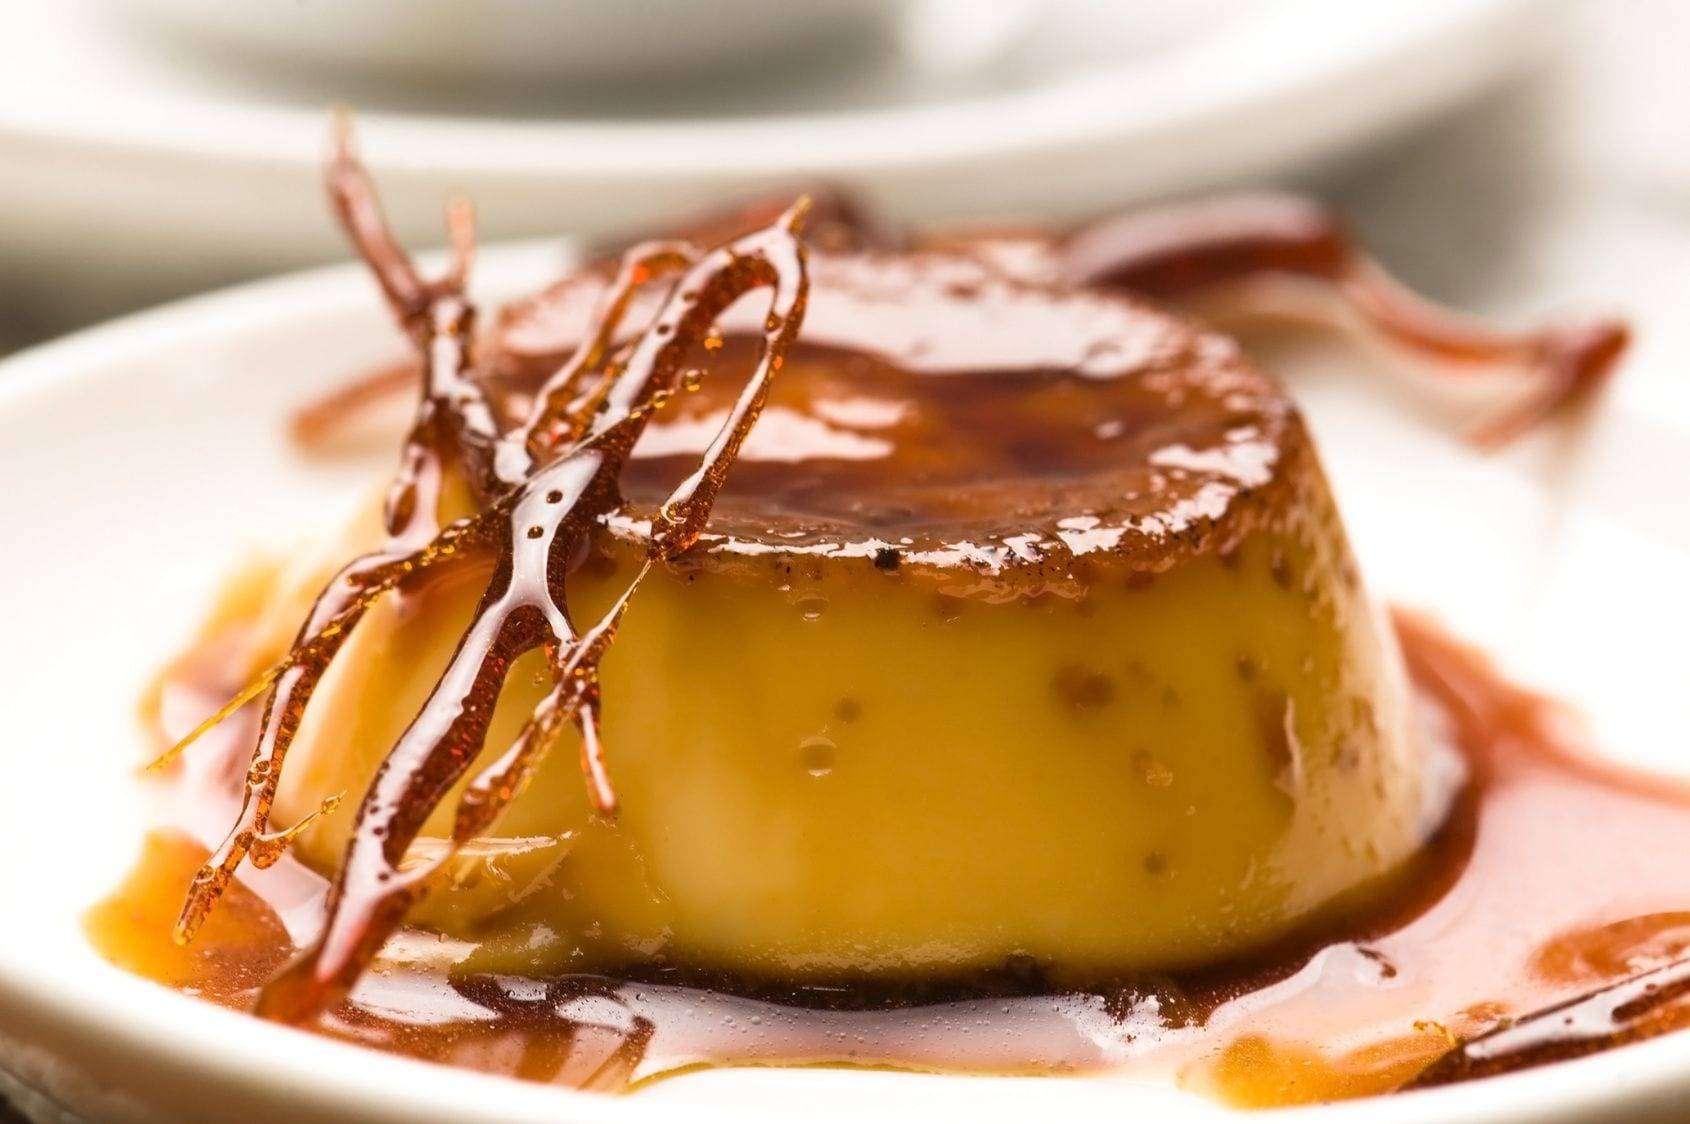 Delicious creme caramel dessert